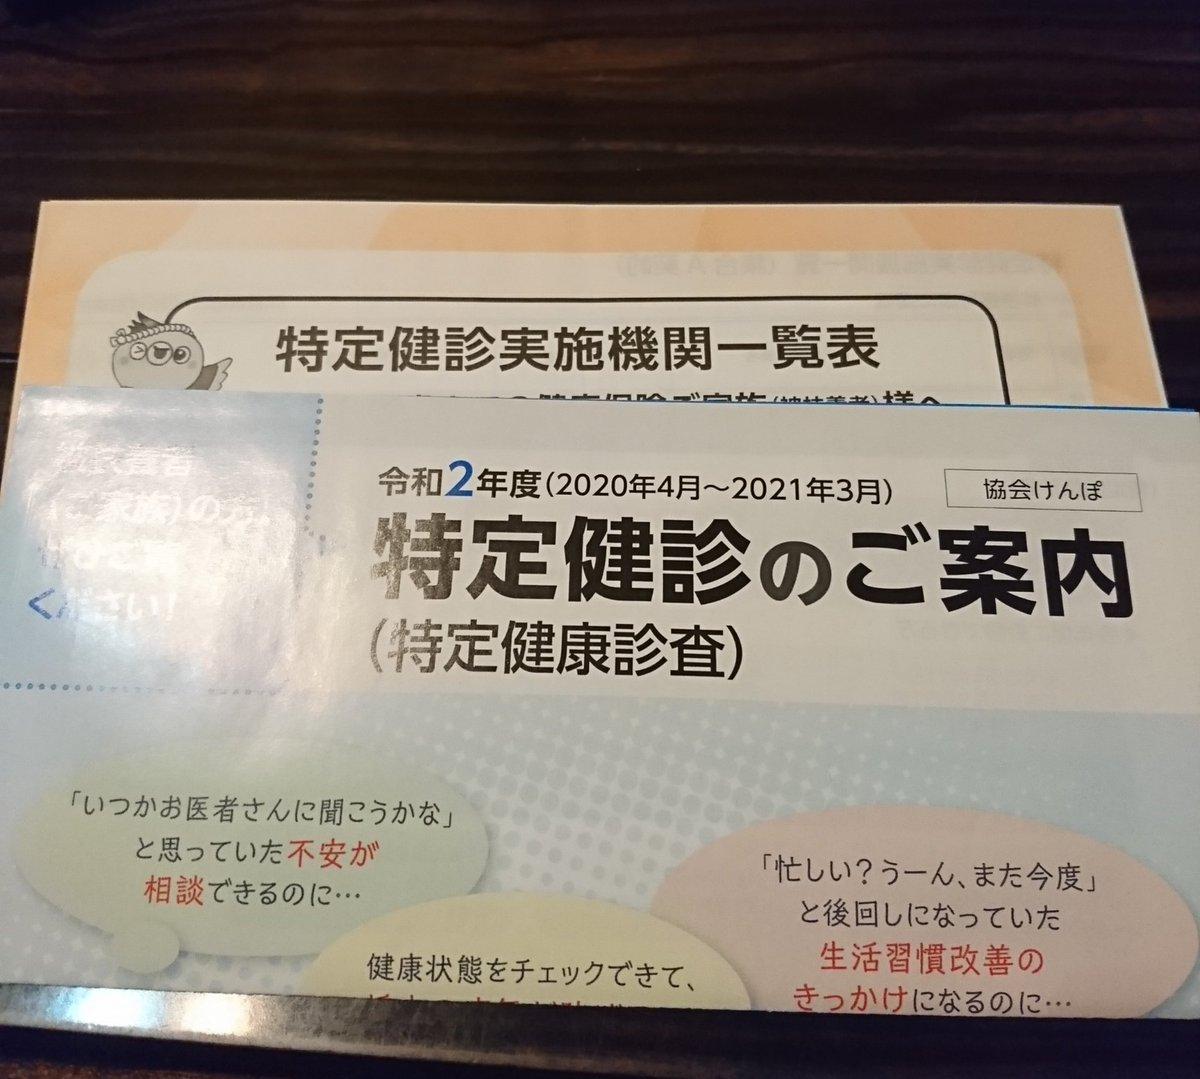 広島 協会 けんぽ